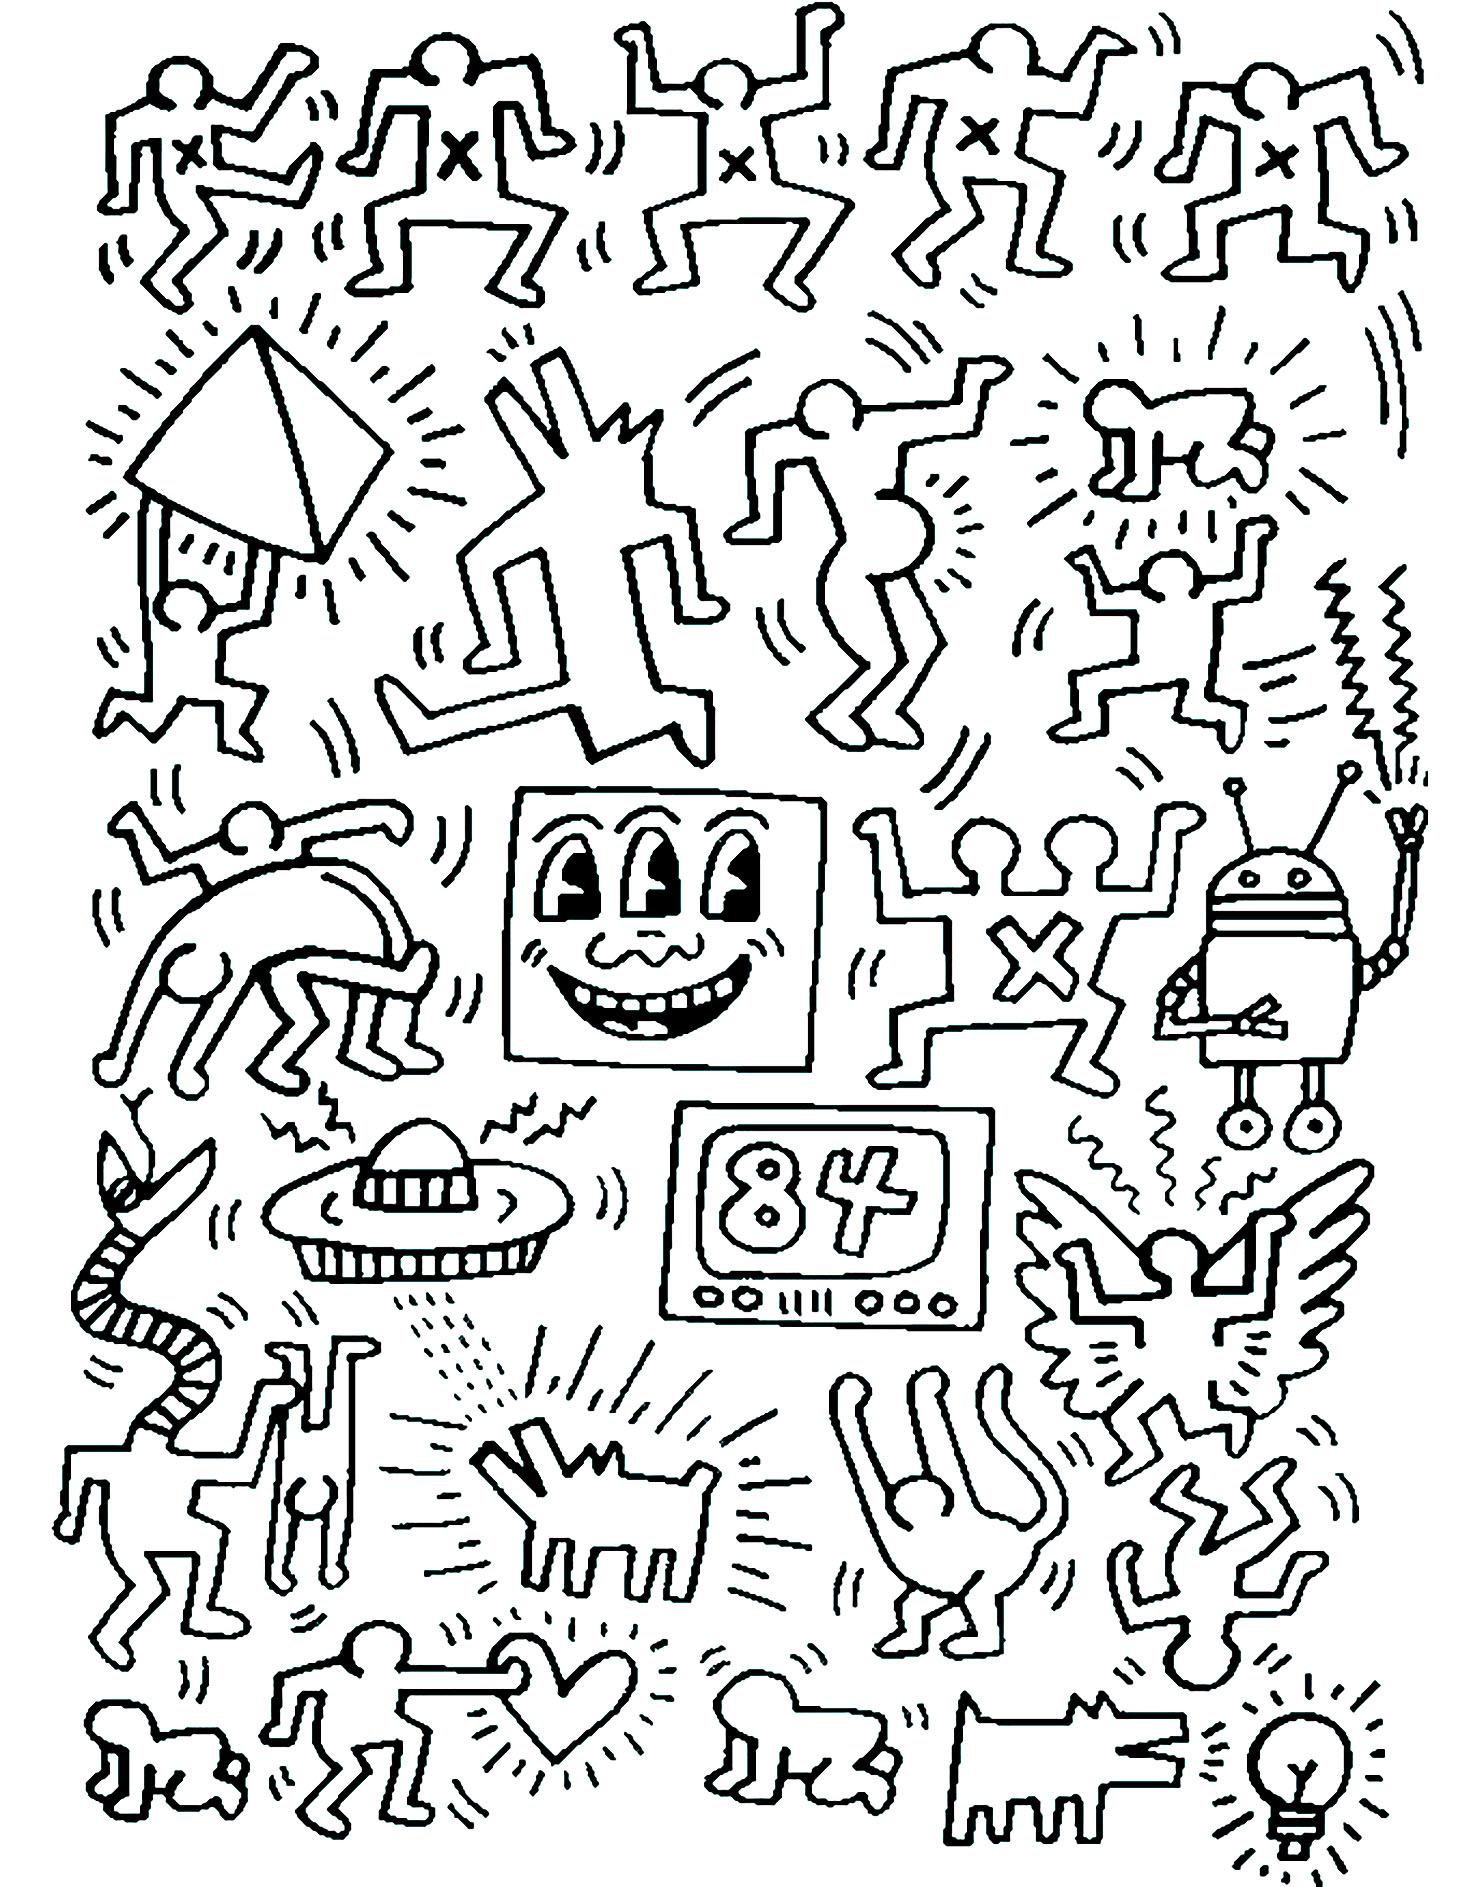 Disegni da colorare per adulti : Pop art - 9